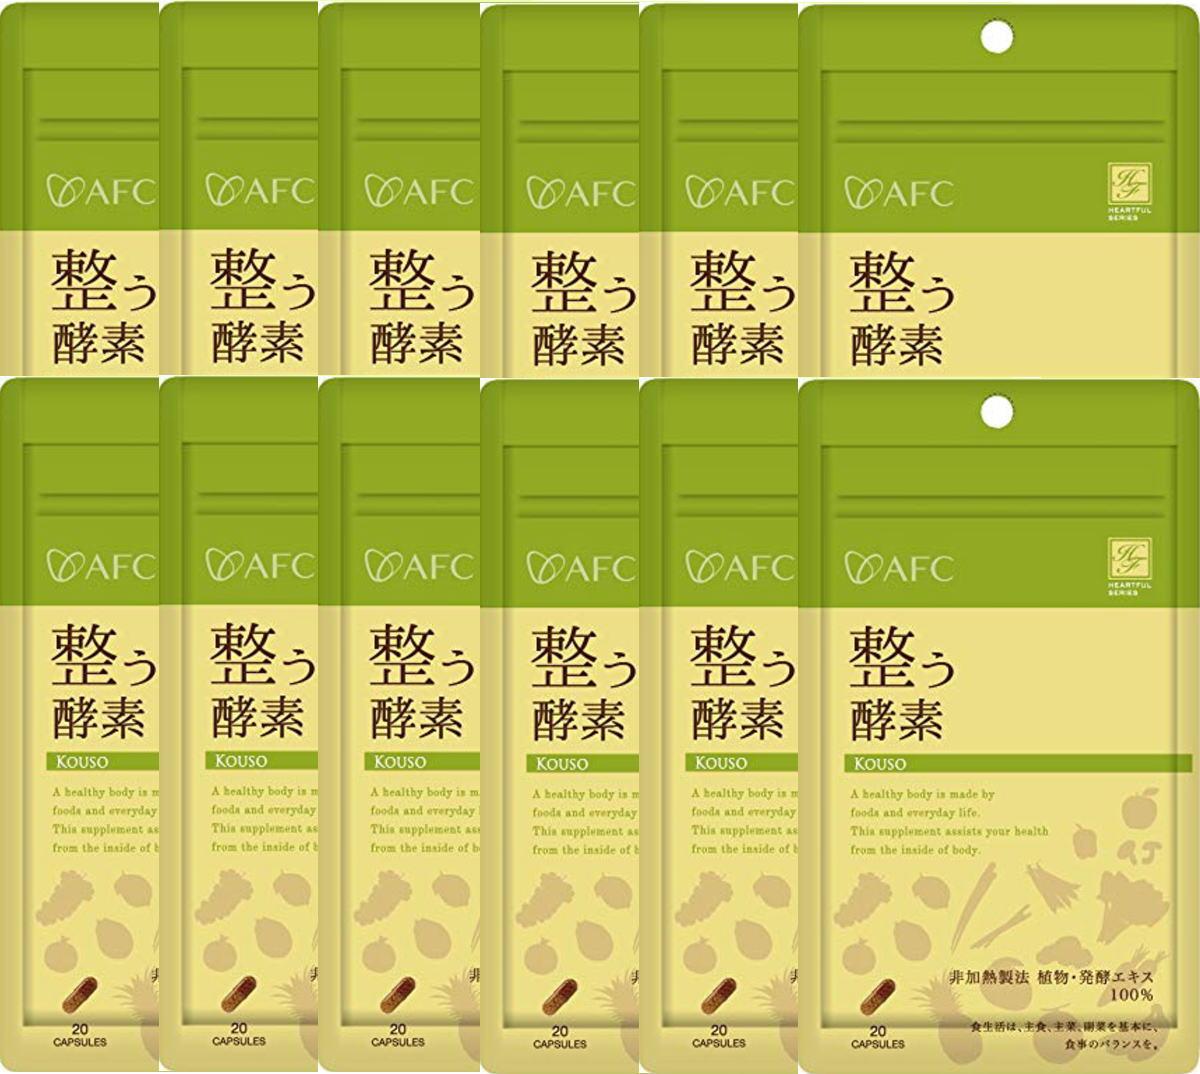 AFC 整う酵素《10日×12袋セット》ハートフルシリーズ(エーエフシー サプリメント)